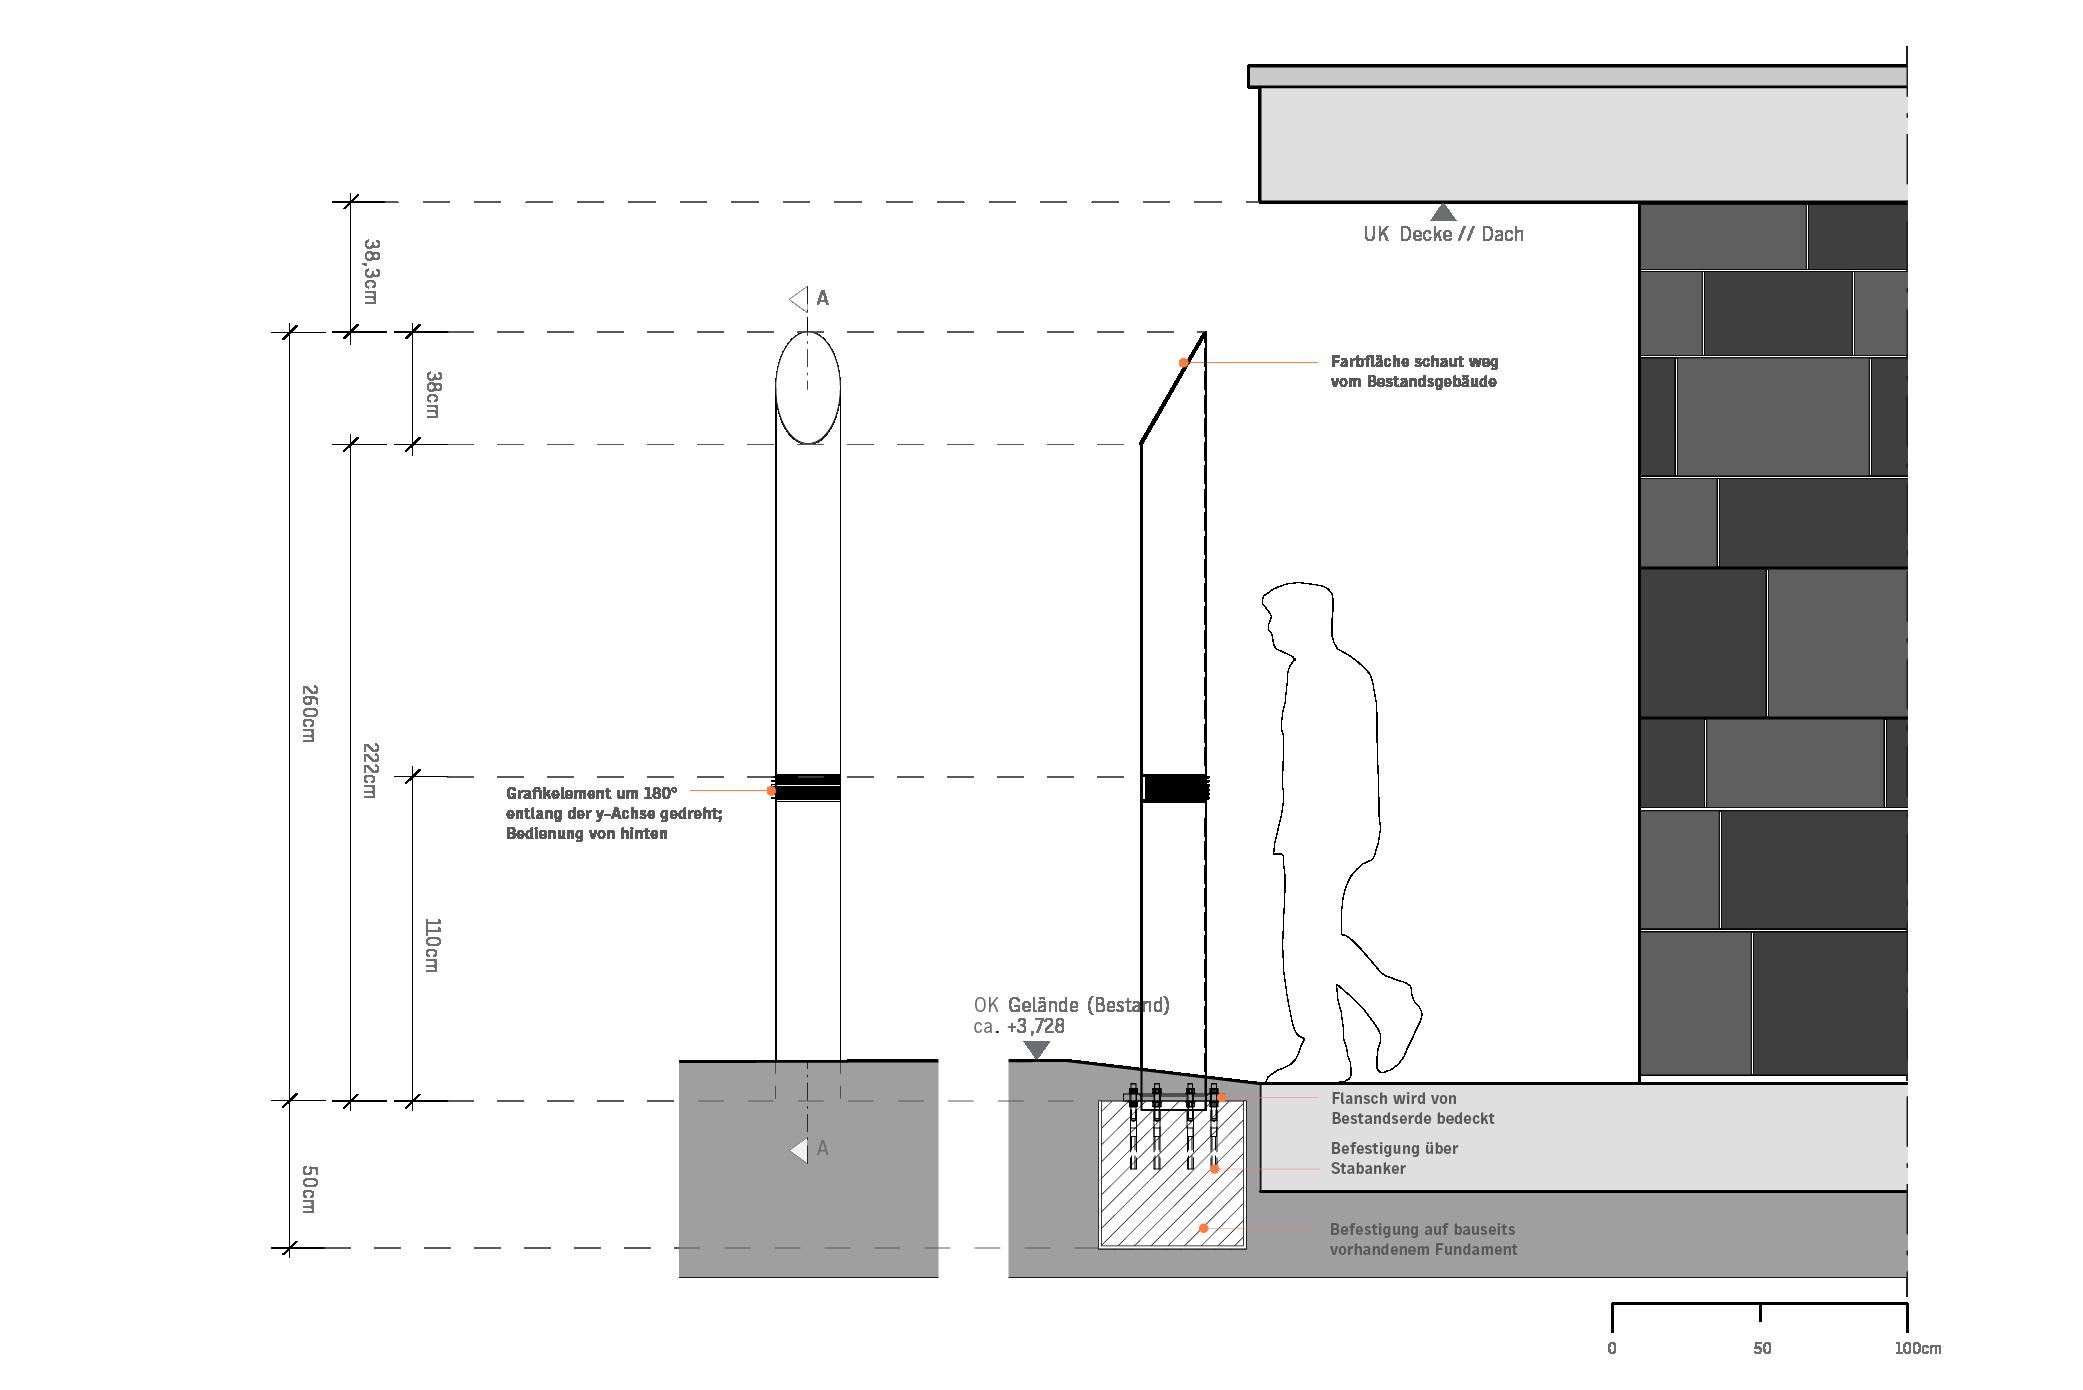 Planzeichnung Positionierung Pylonen